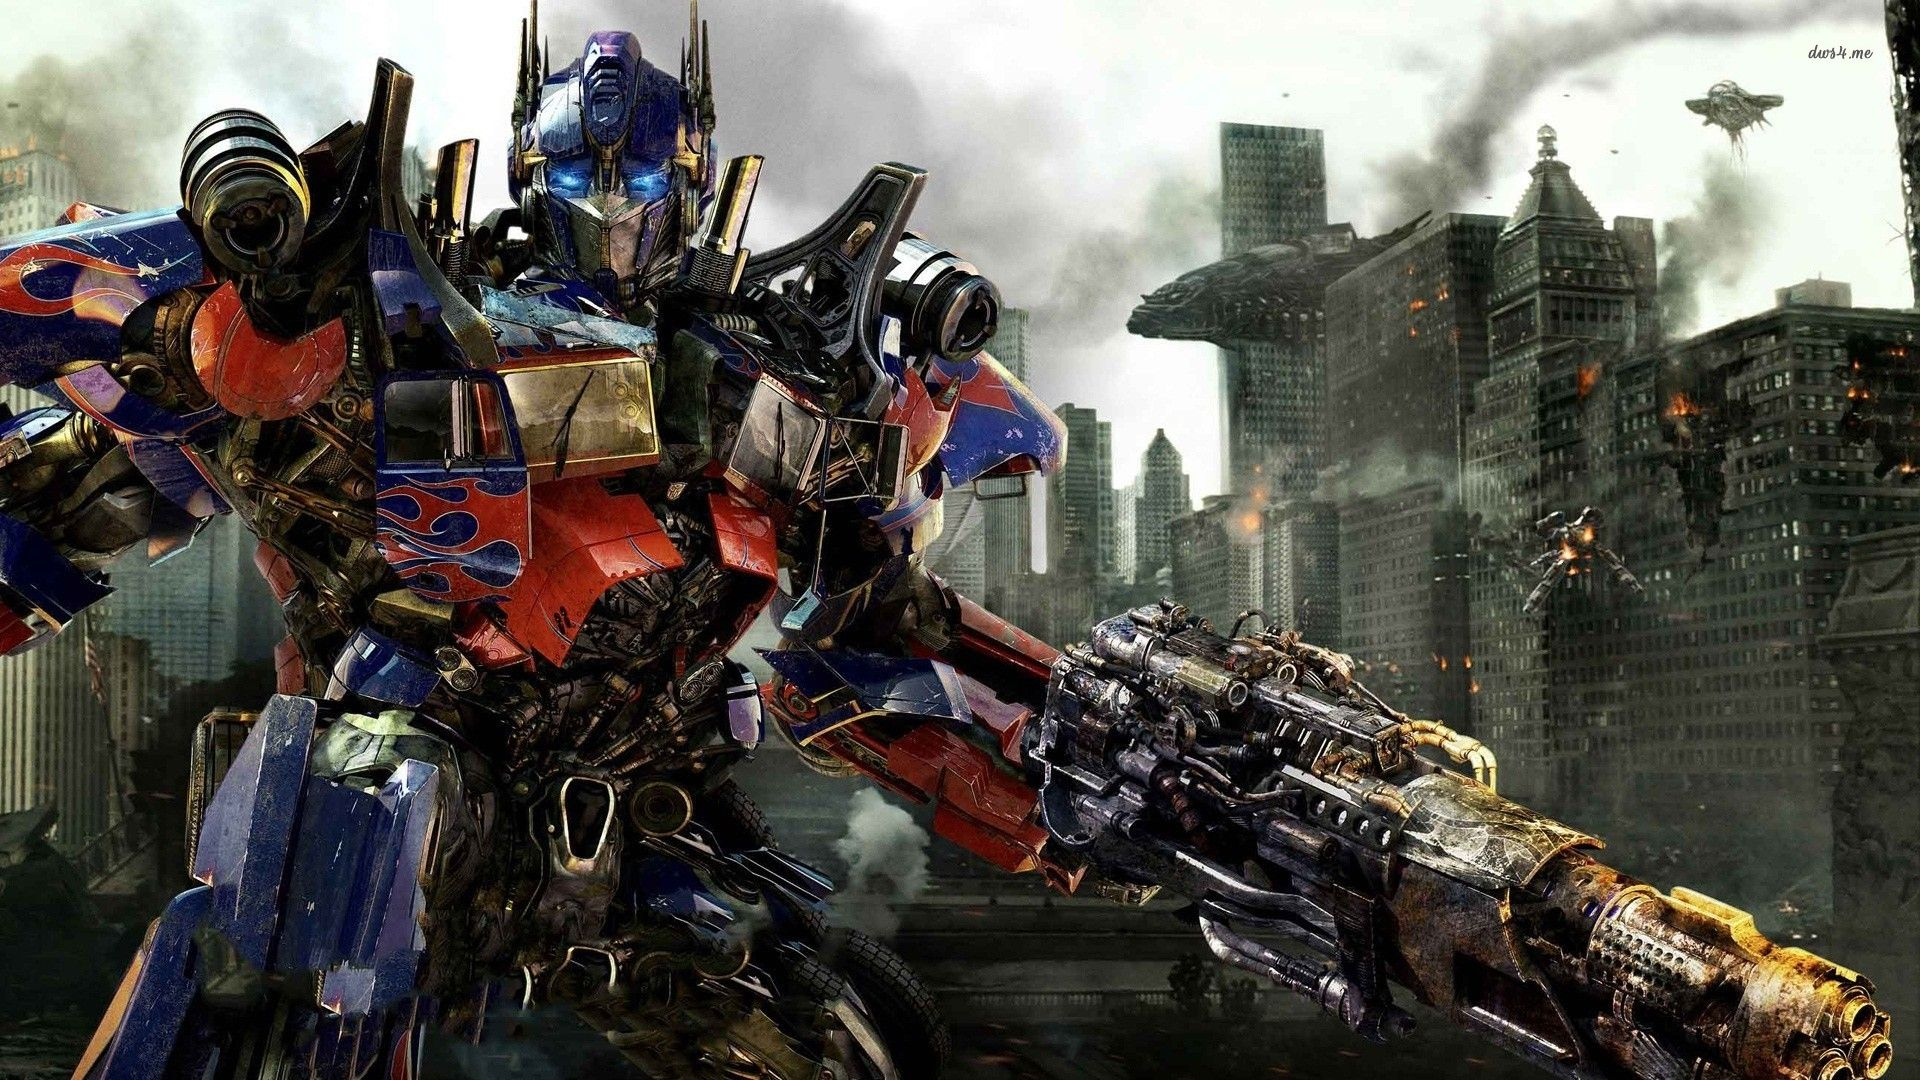 30 Image For Puter Optimus Prime